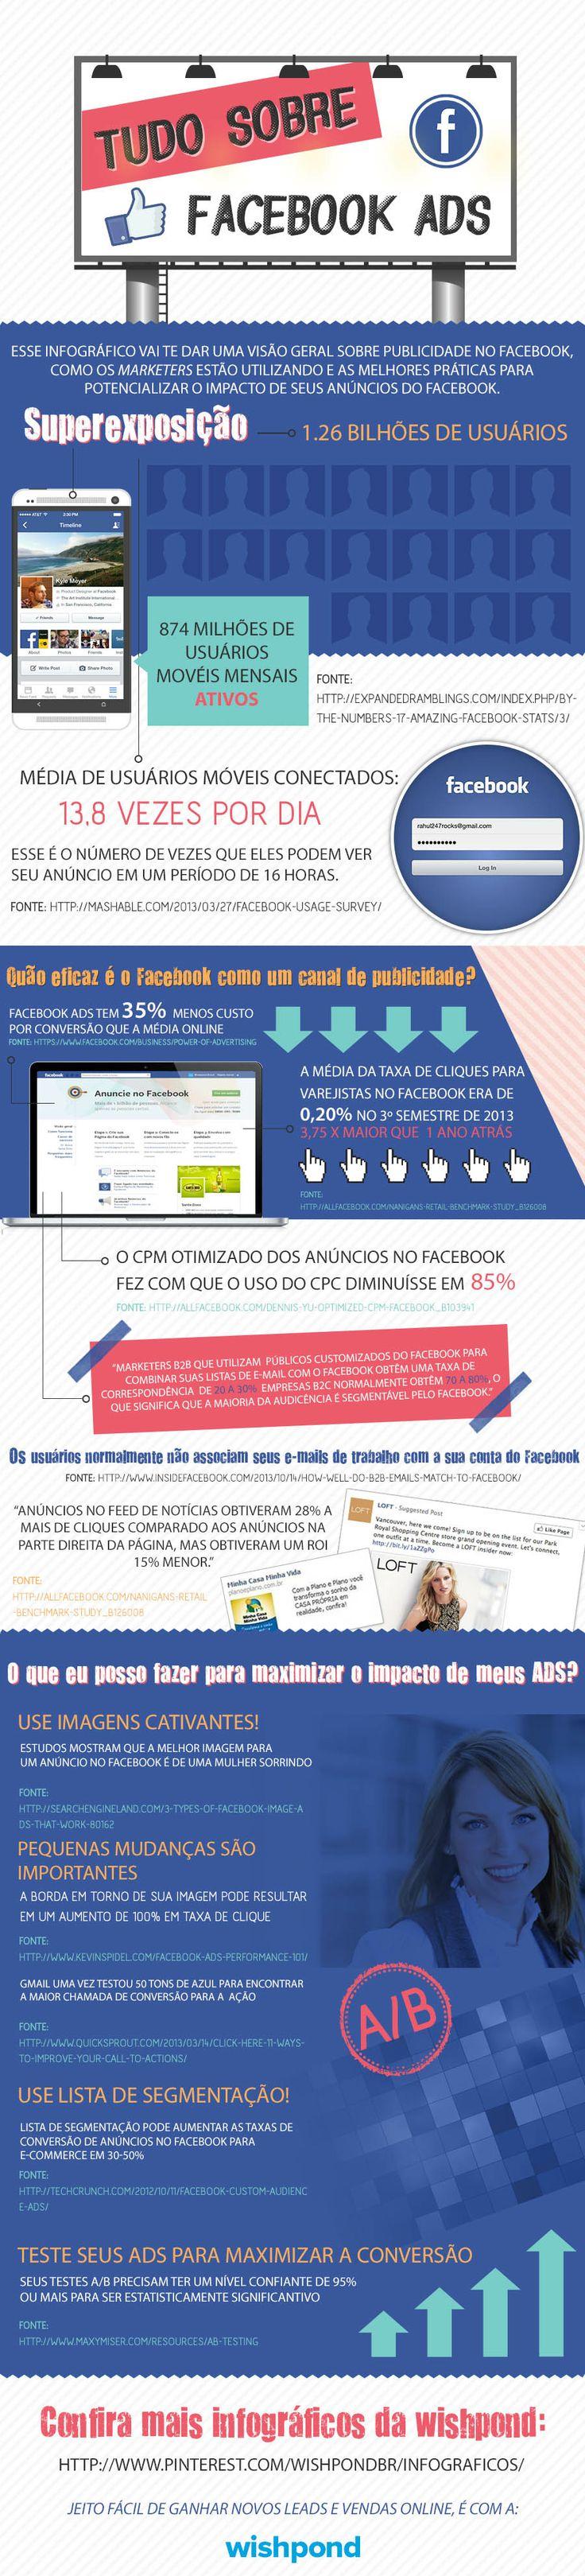 Tudo que você precisa saber sobre Facebook Ads (Anúncios no Facebook)